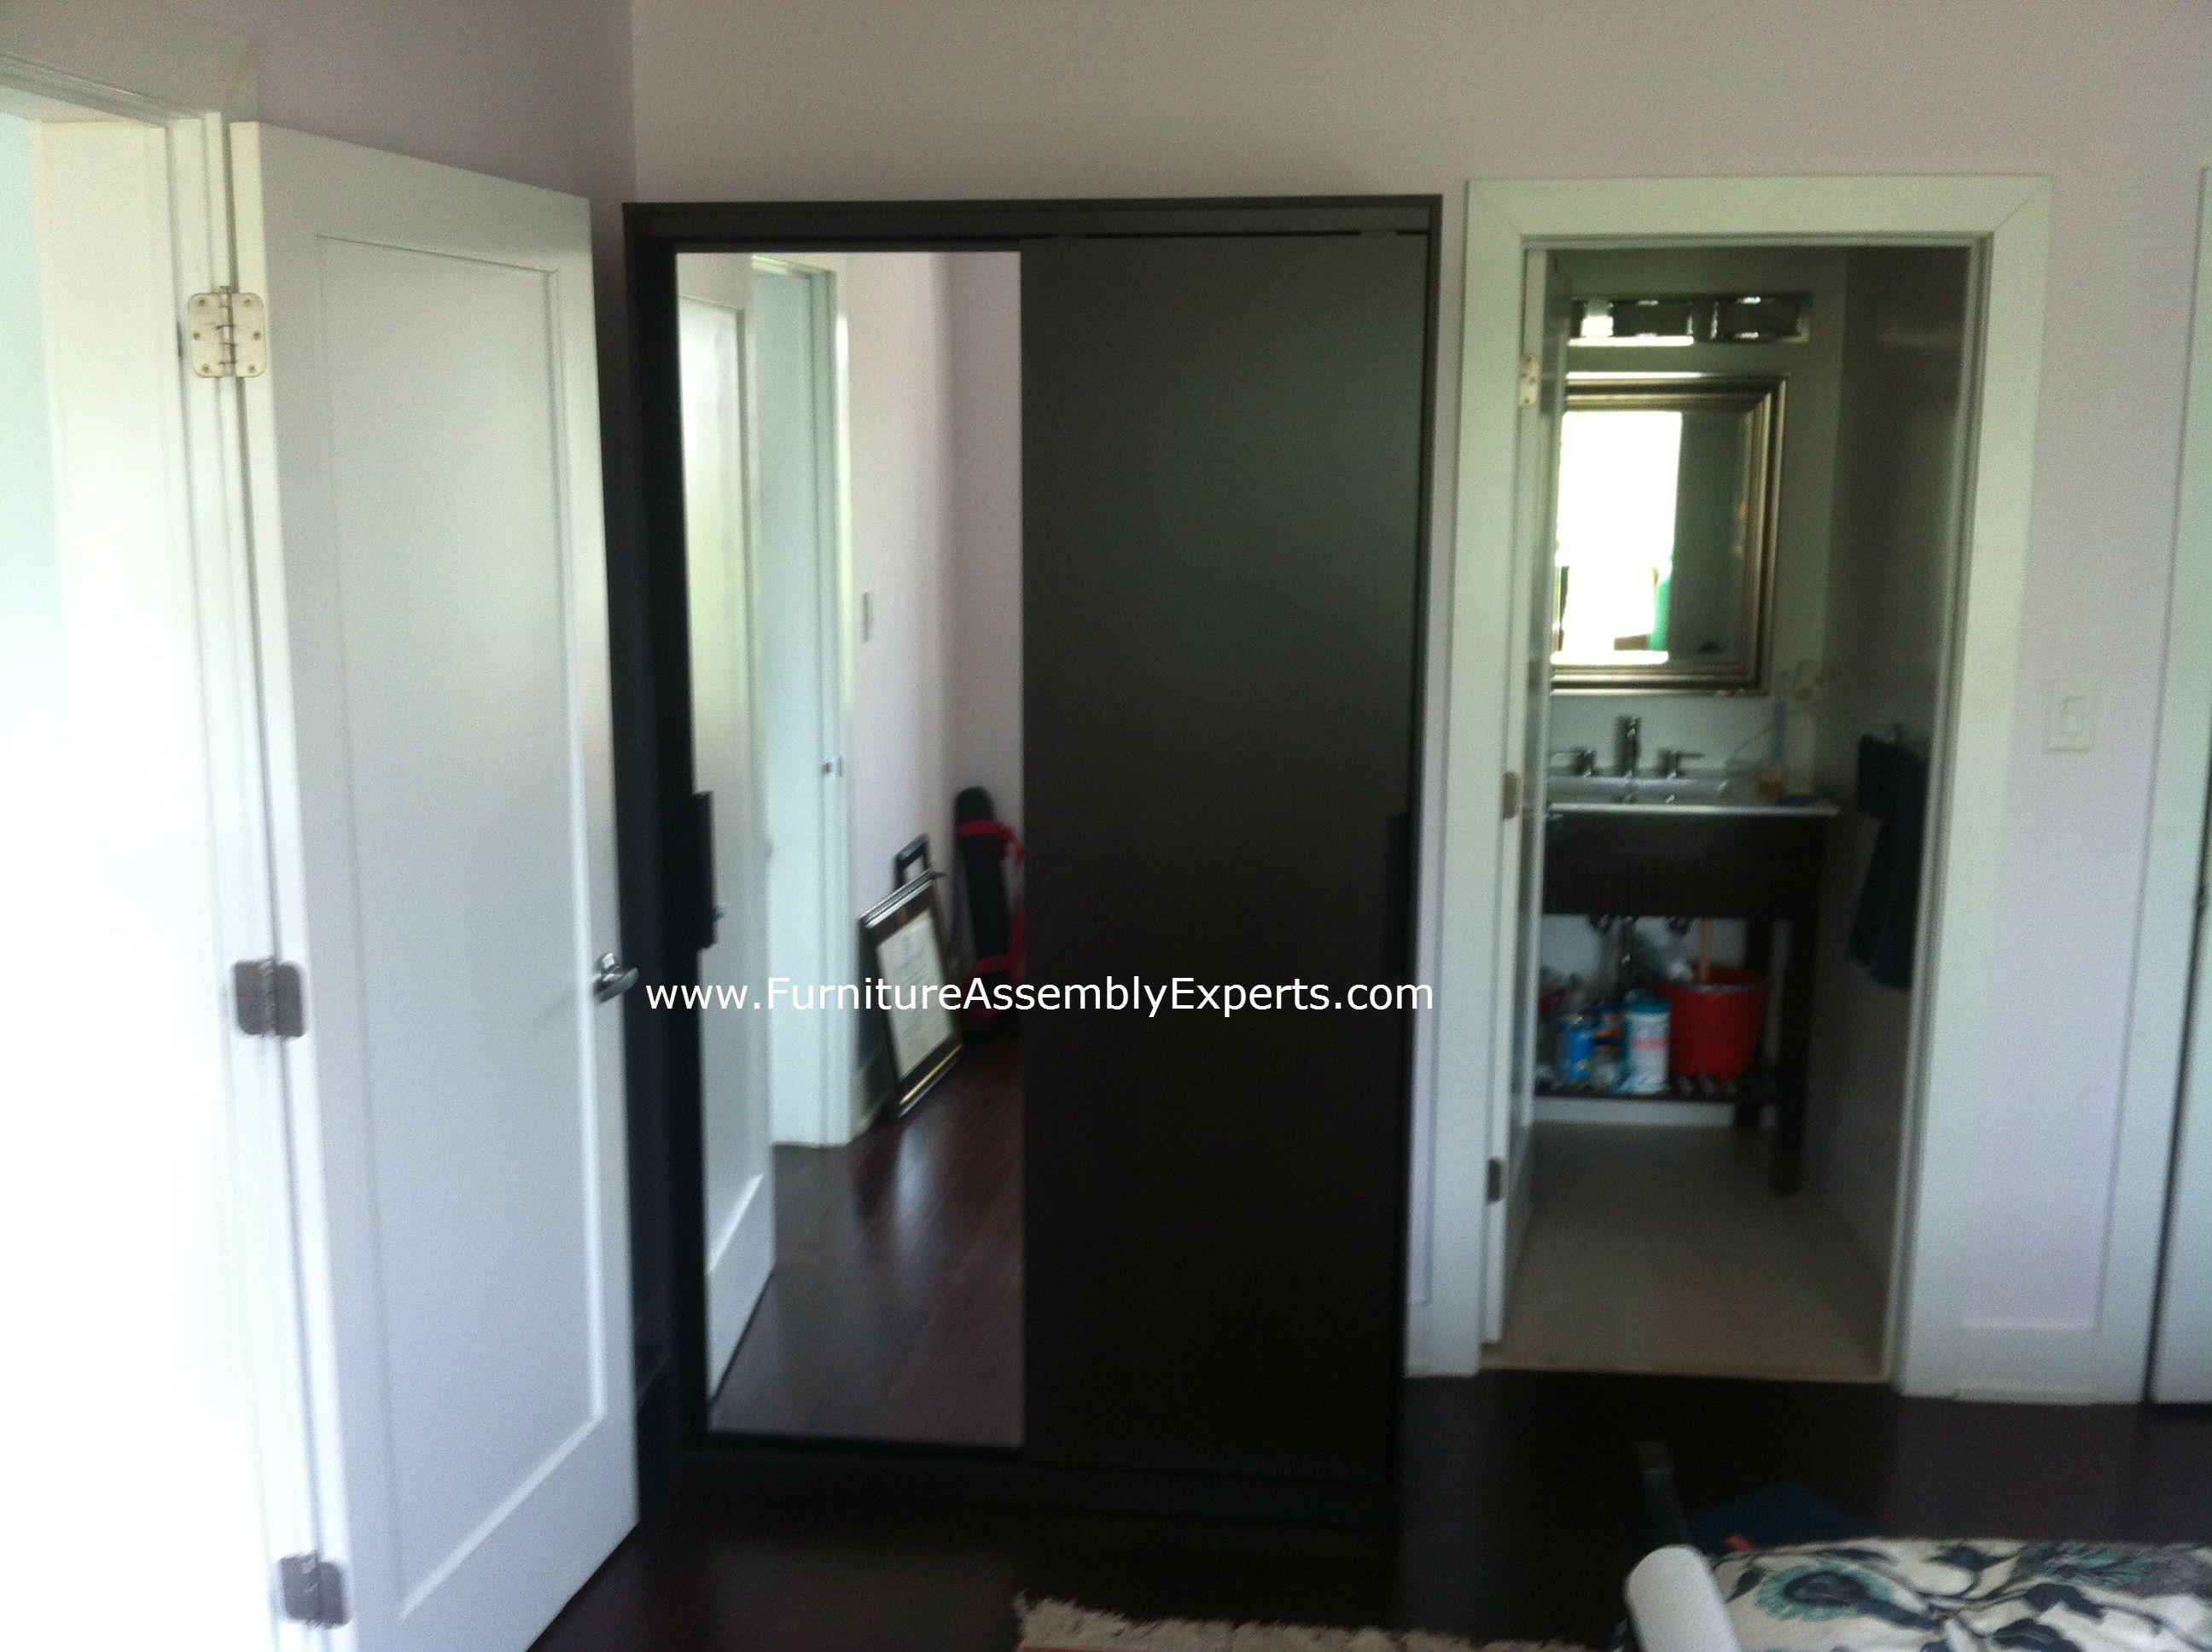 ikea morvik wardrobe with sliding doors assembled in. Black Bedroom Furniture Sets. Home Design Ideas